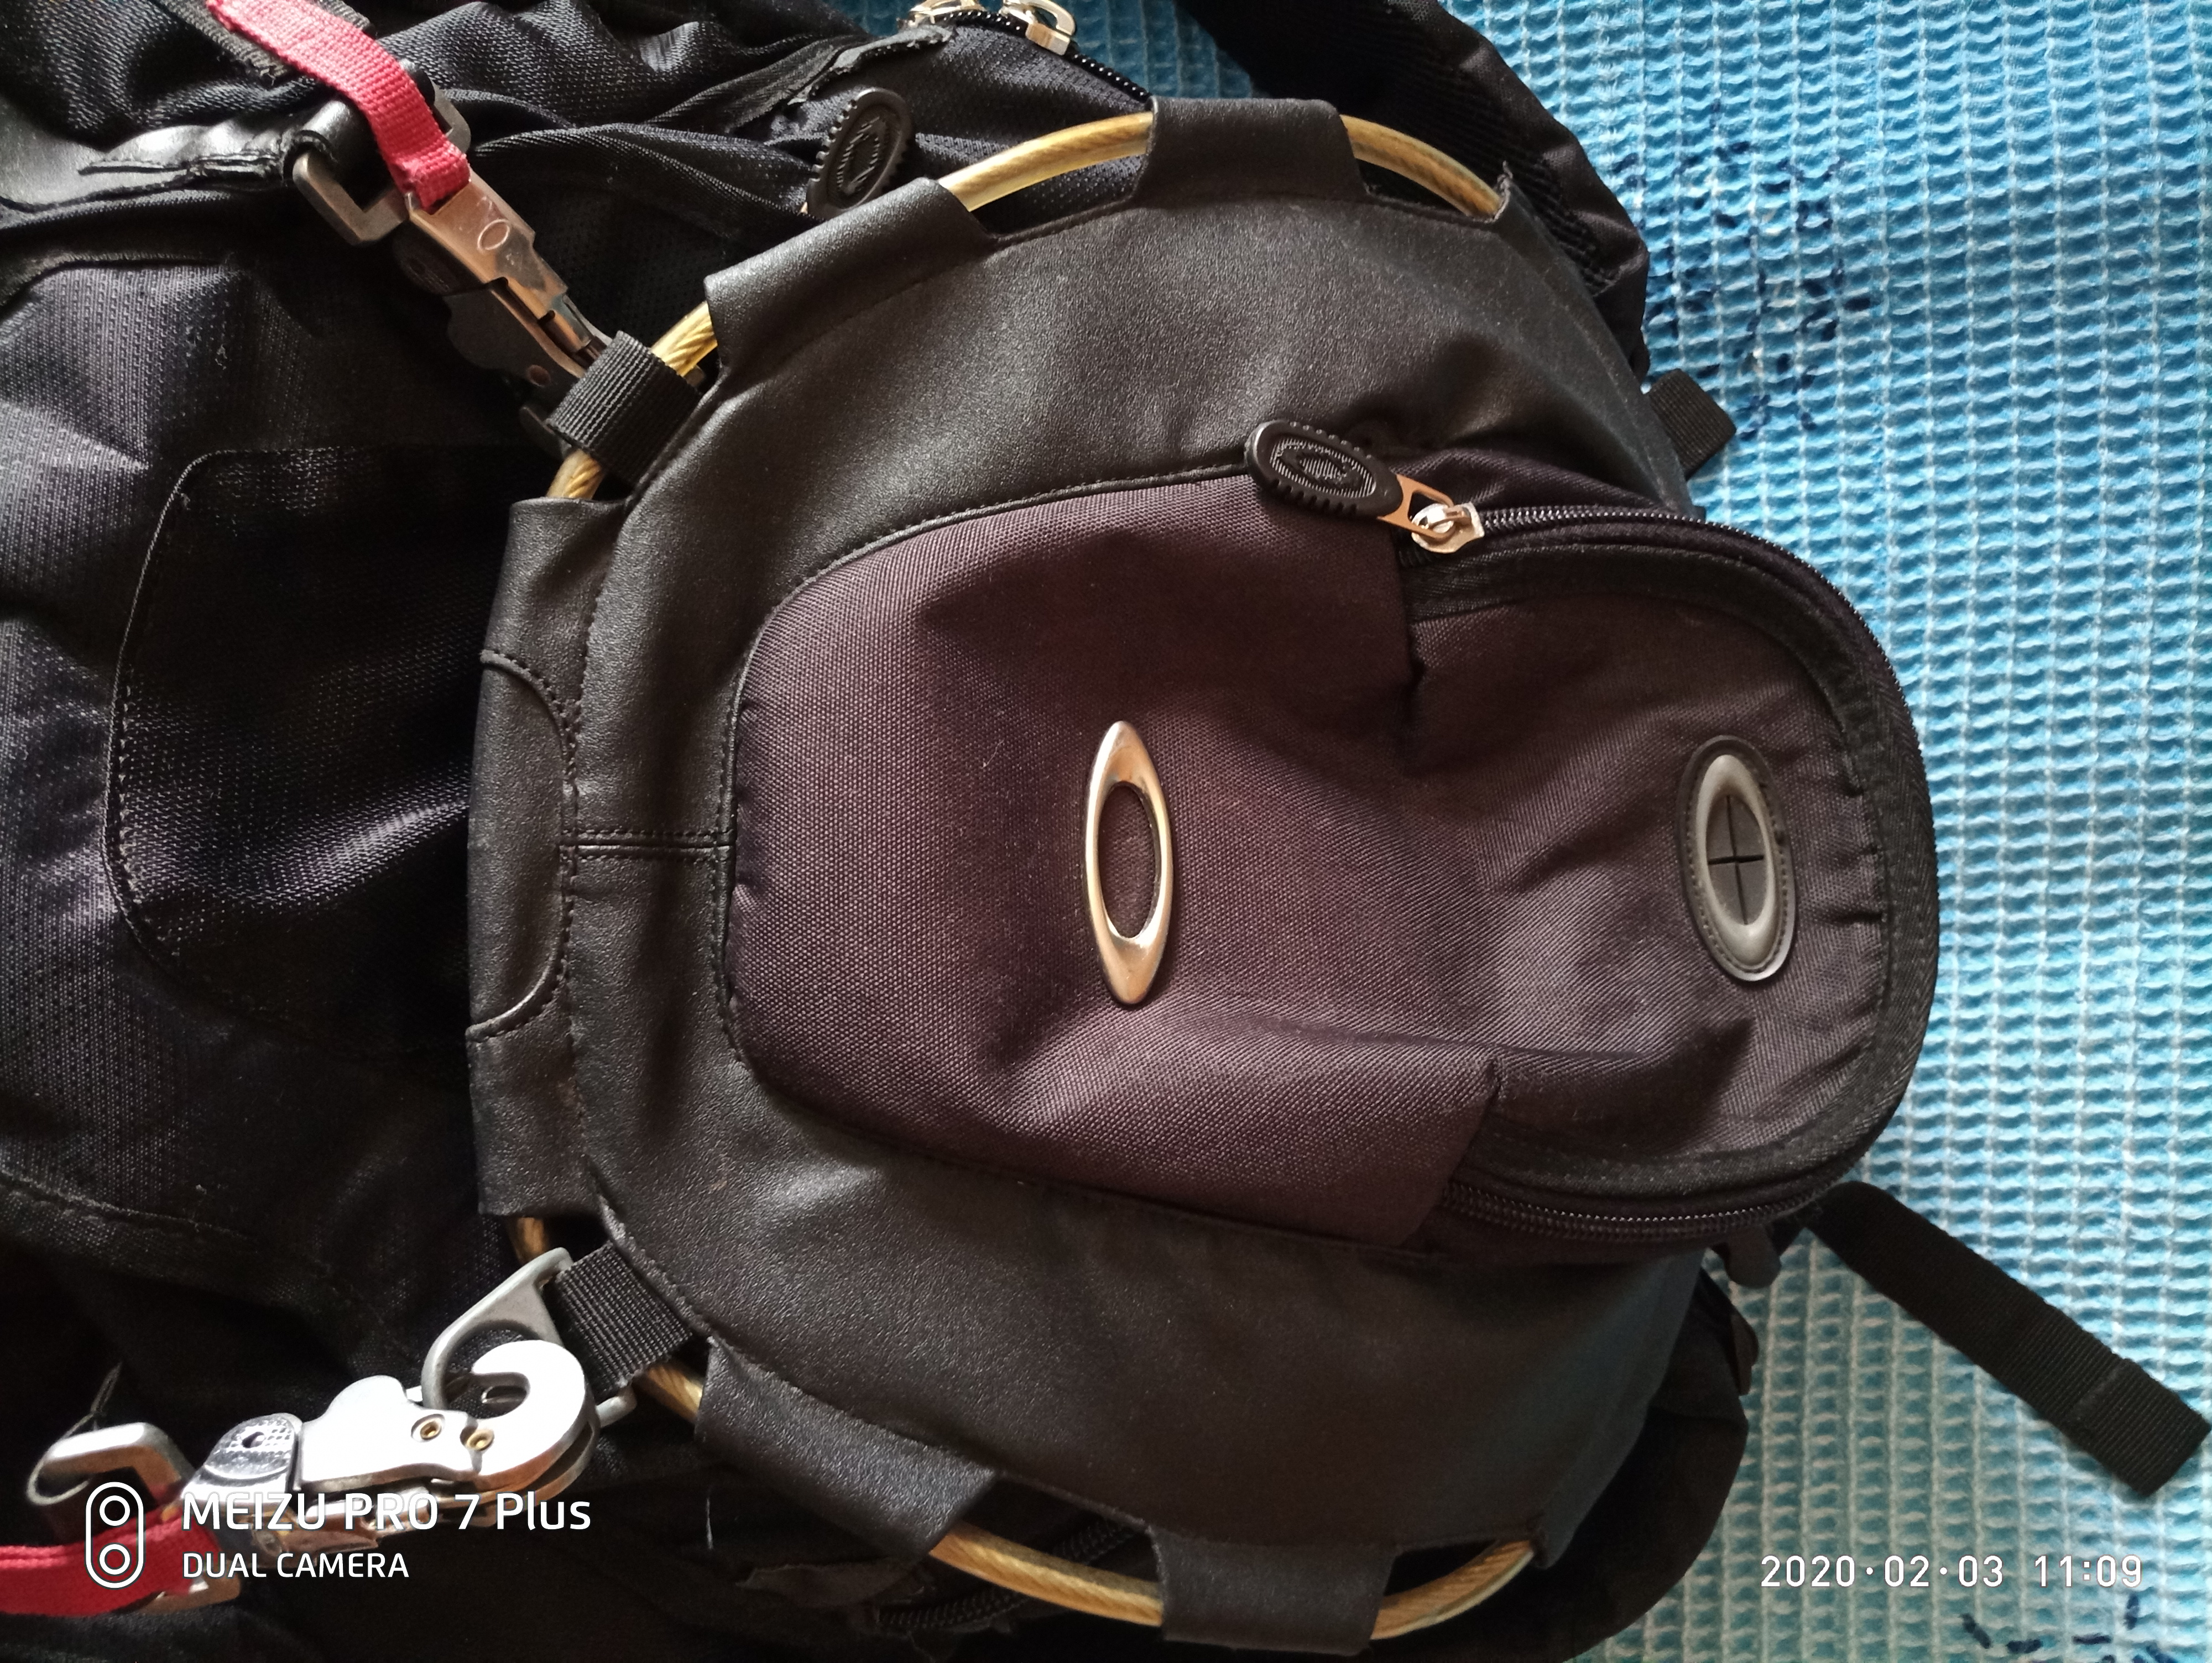 Фото Ремонт рюкзака ,замена молний,бегунков,укрепили крепления,зашиты порванные места и другие мелкие работы